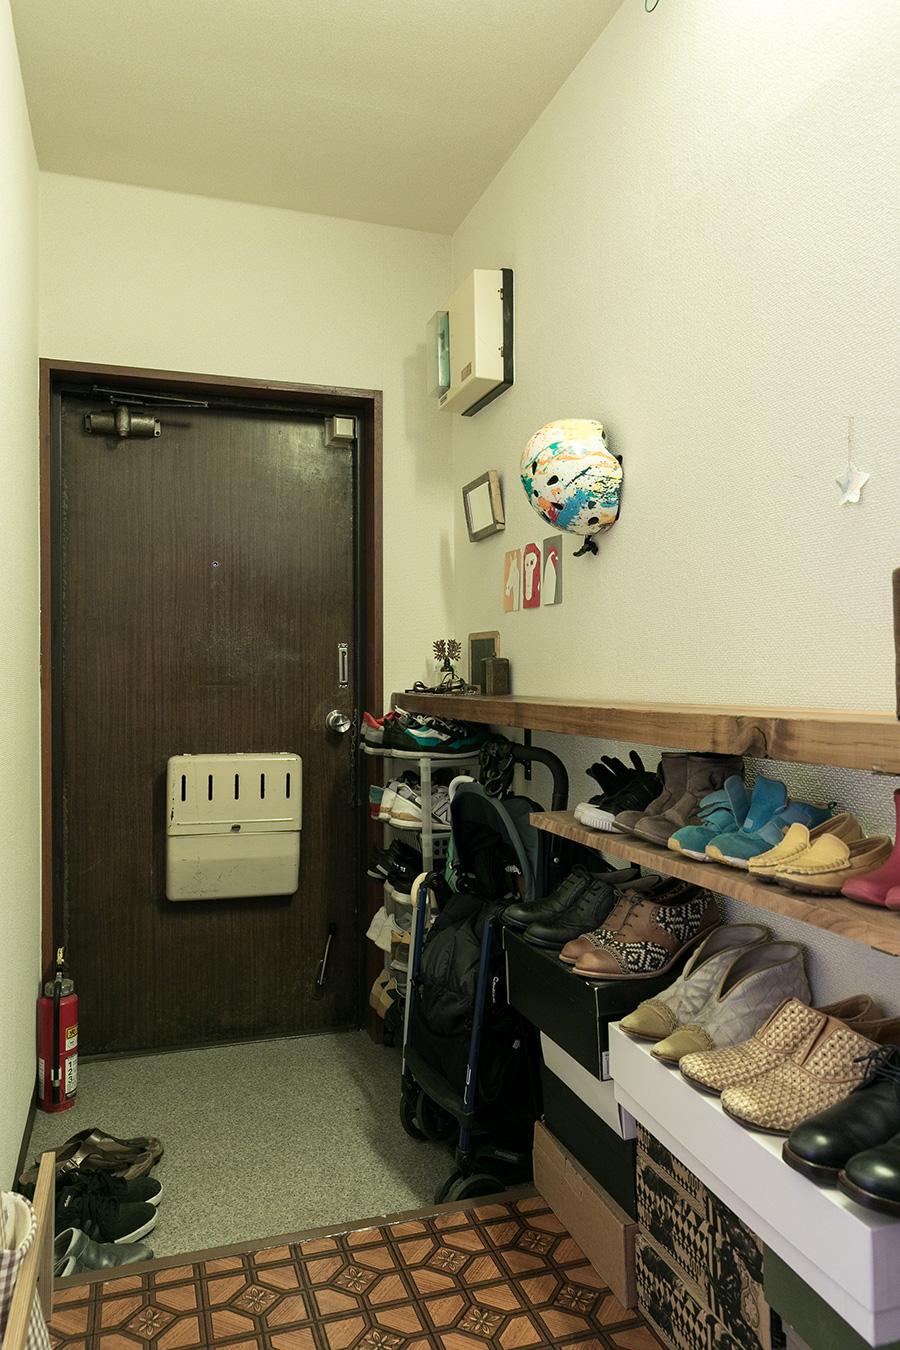 玄関の靴棚に使っている古材は西荻窪の家具屋で購入したちょうどよい長さのものを使って。